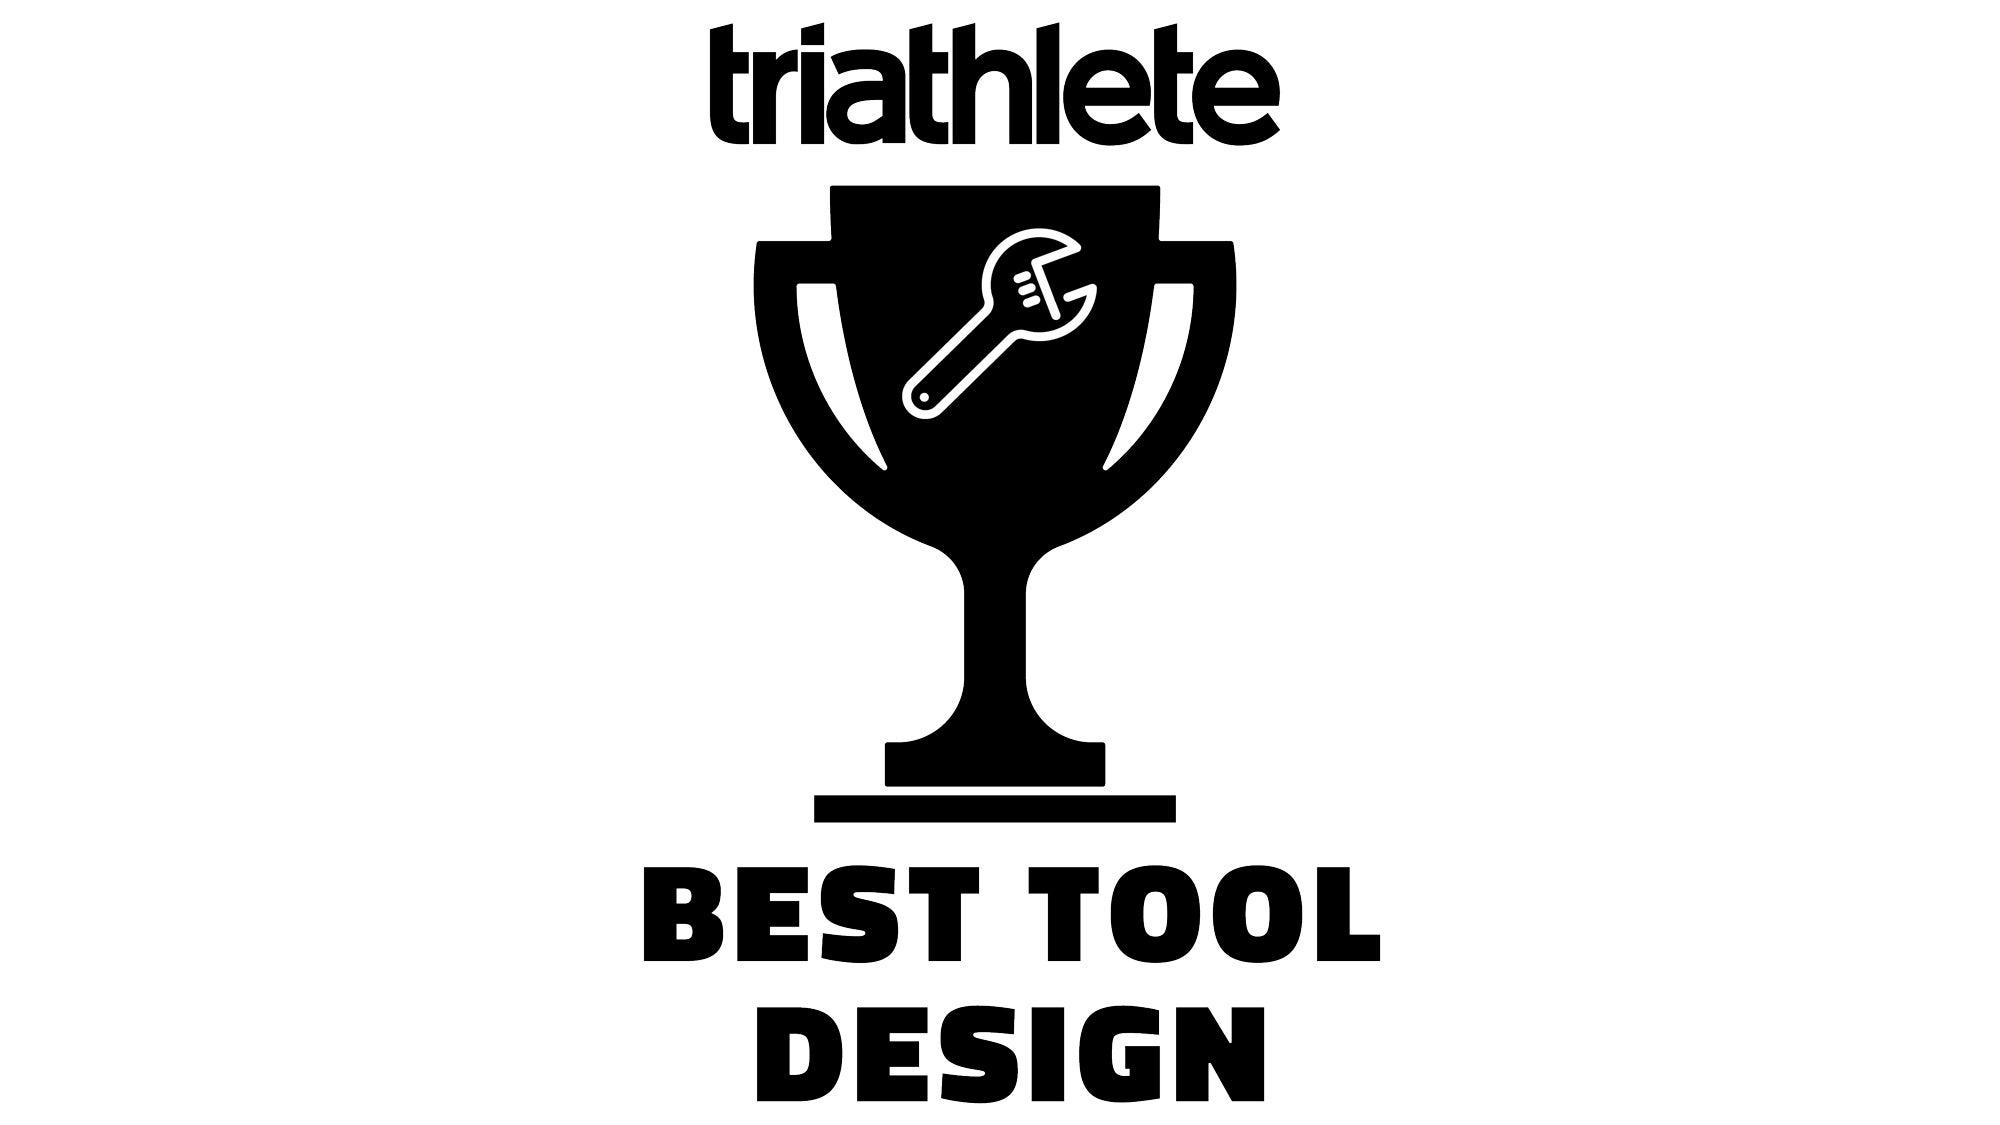 best tool design